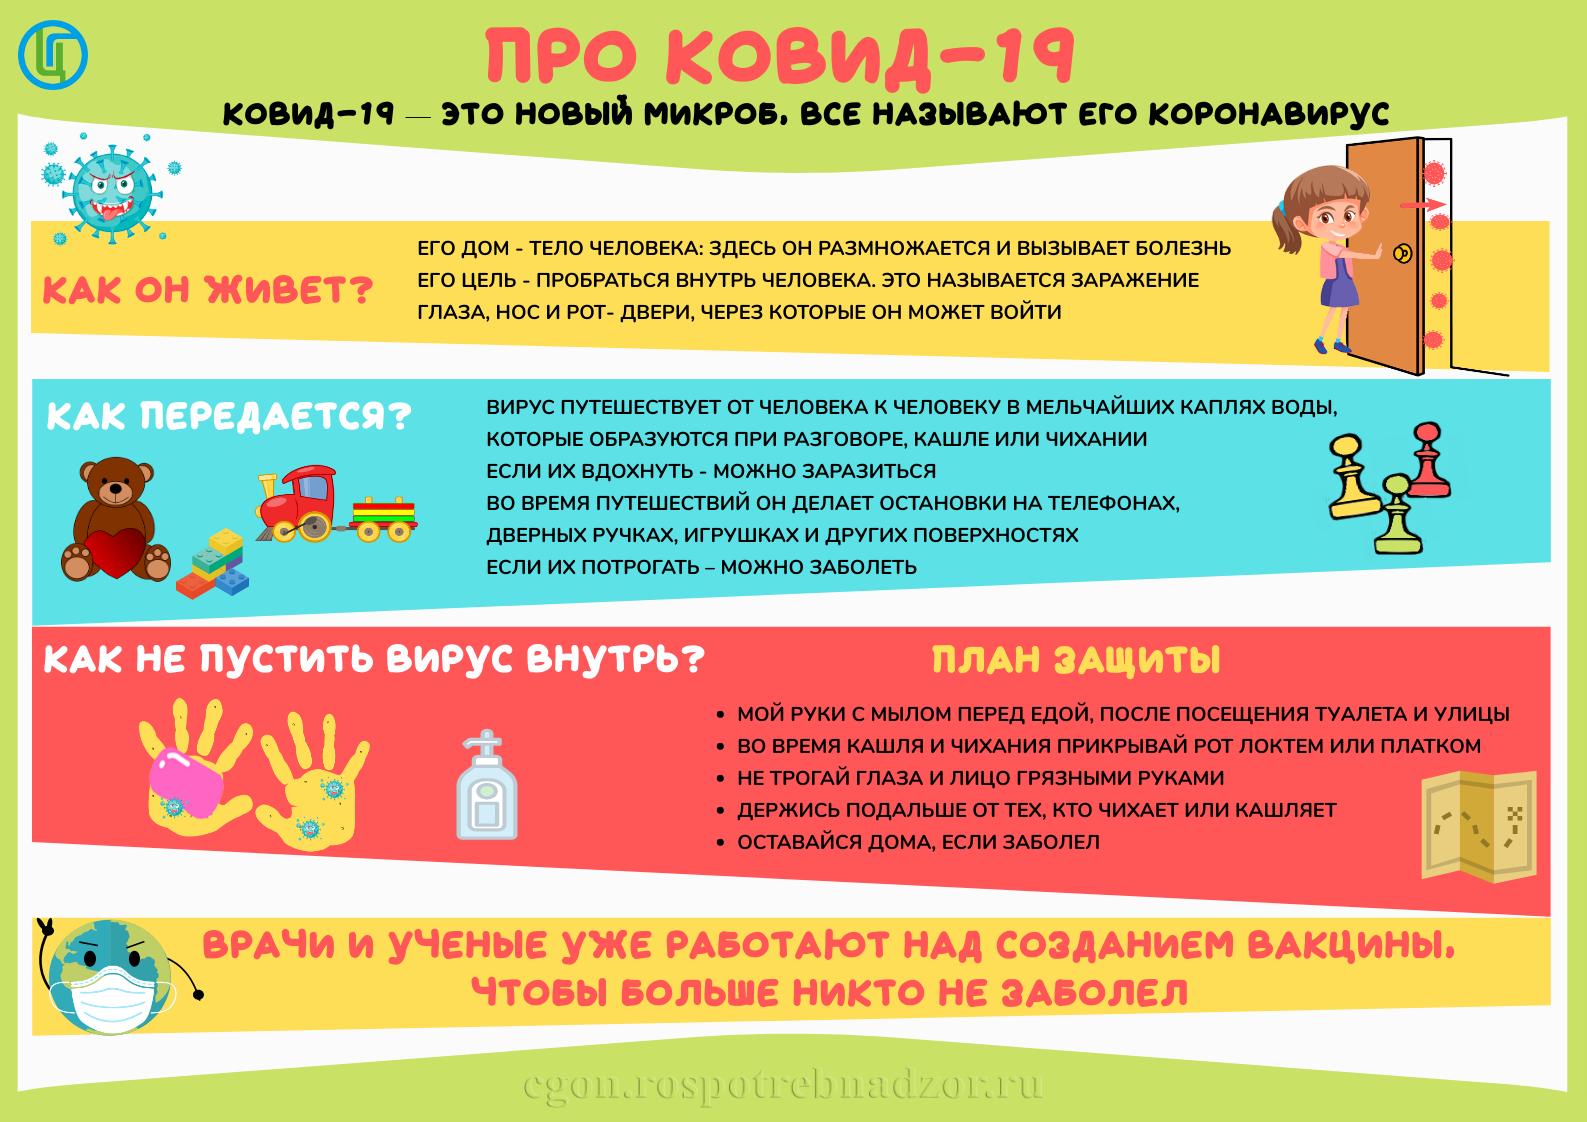 про ковид-19.png